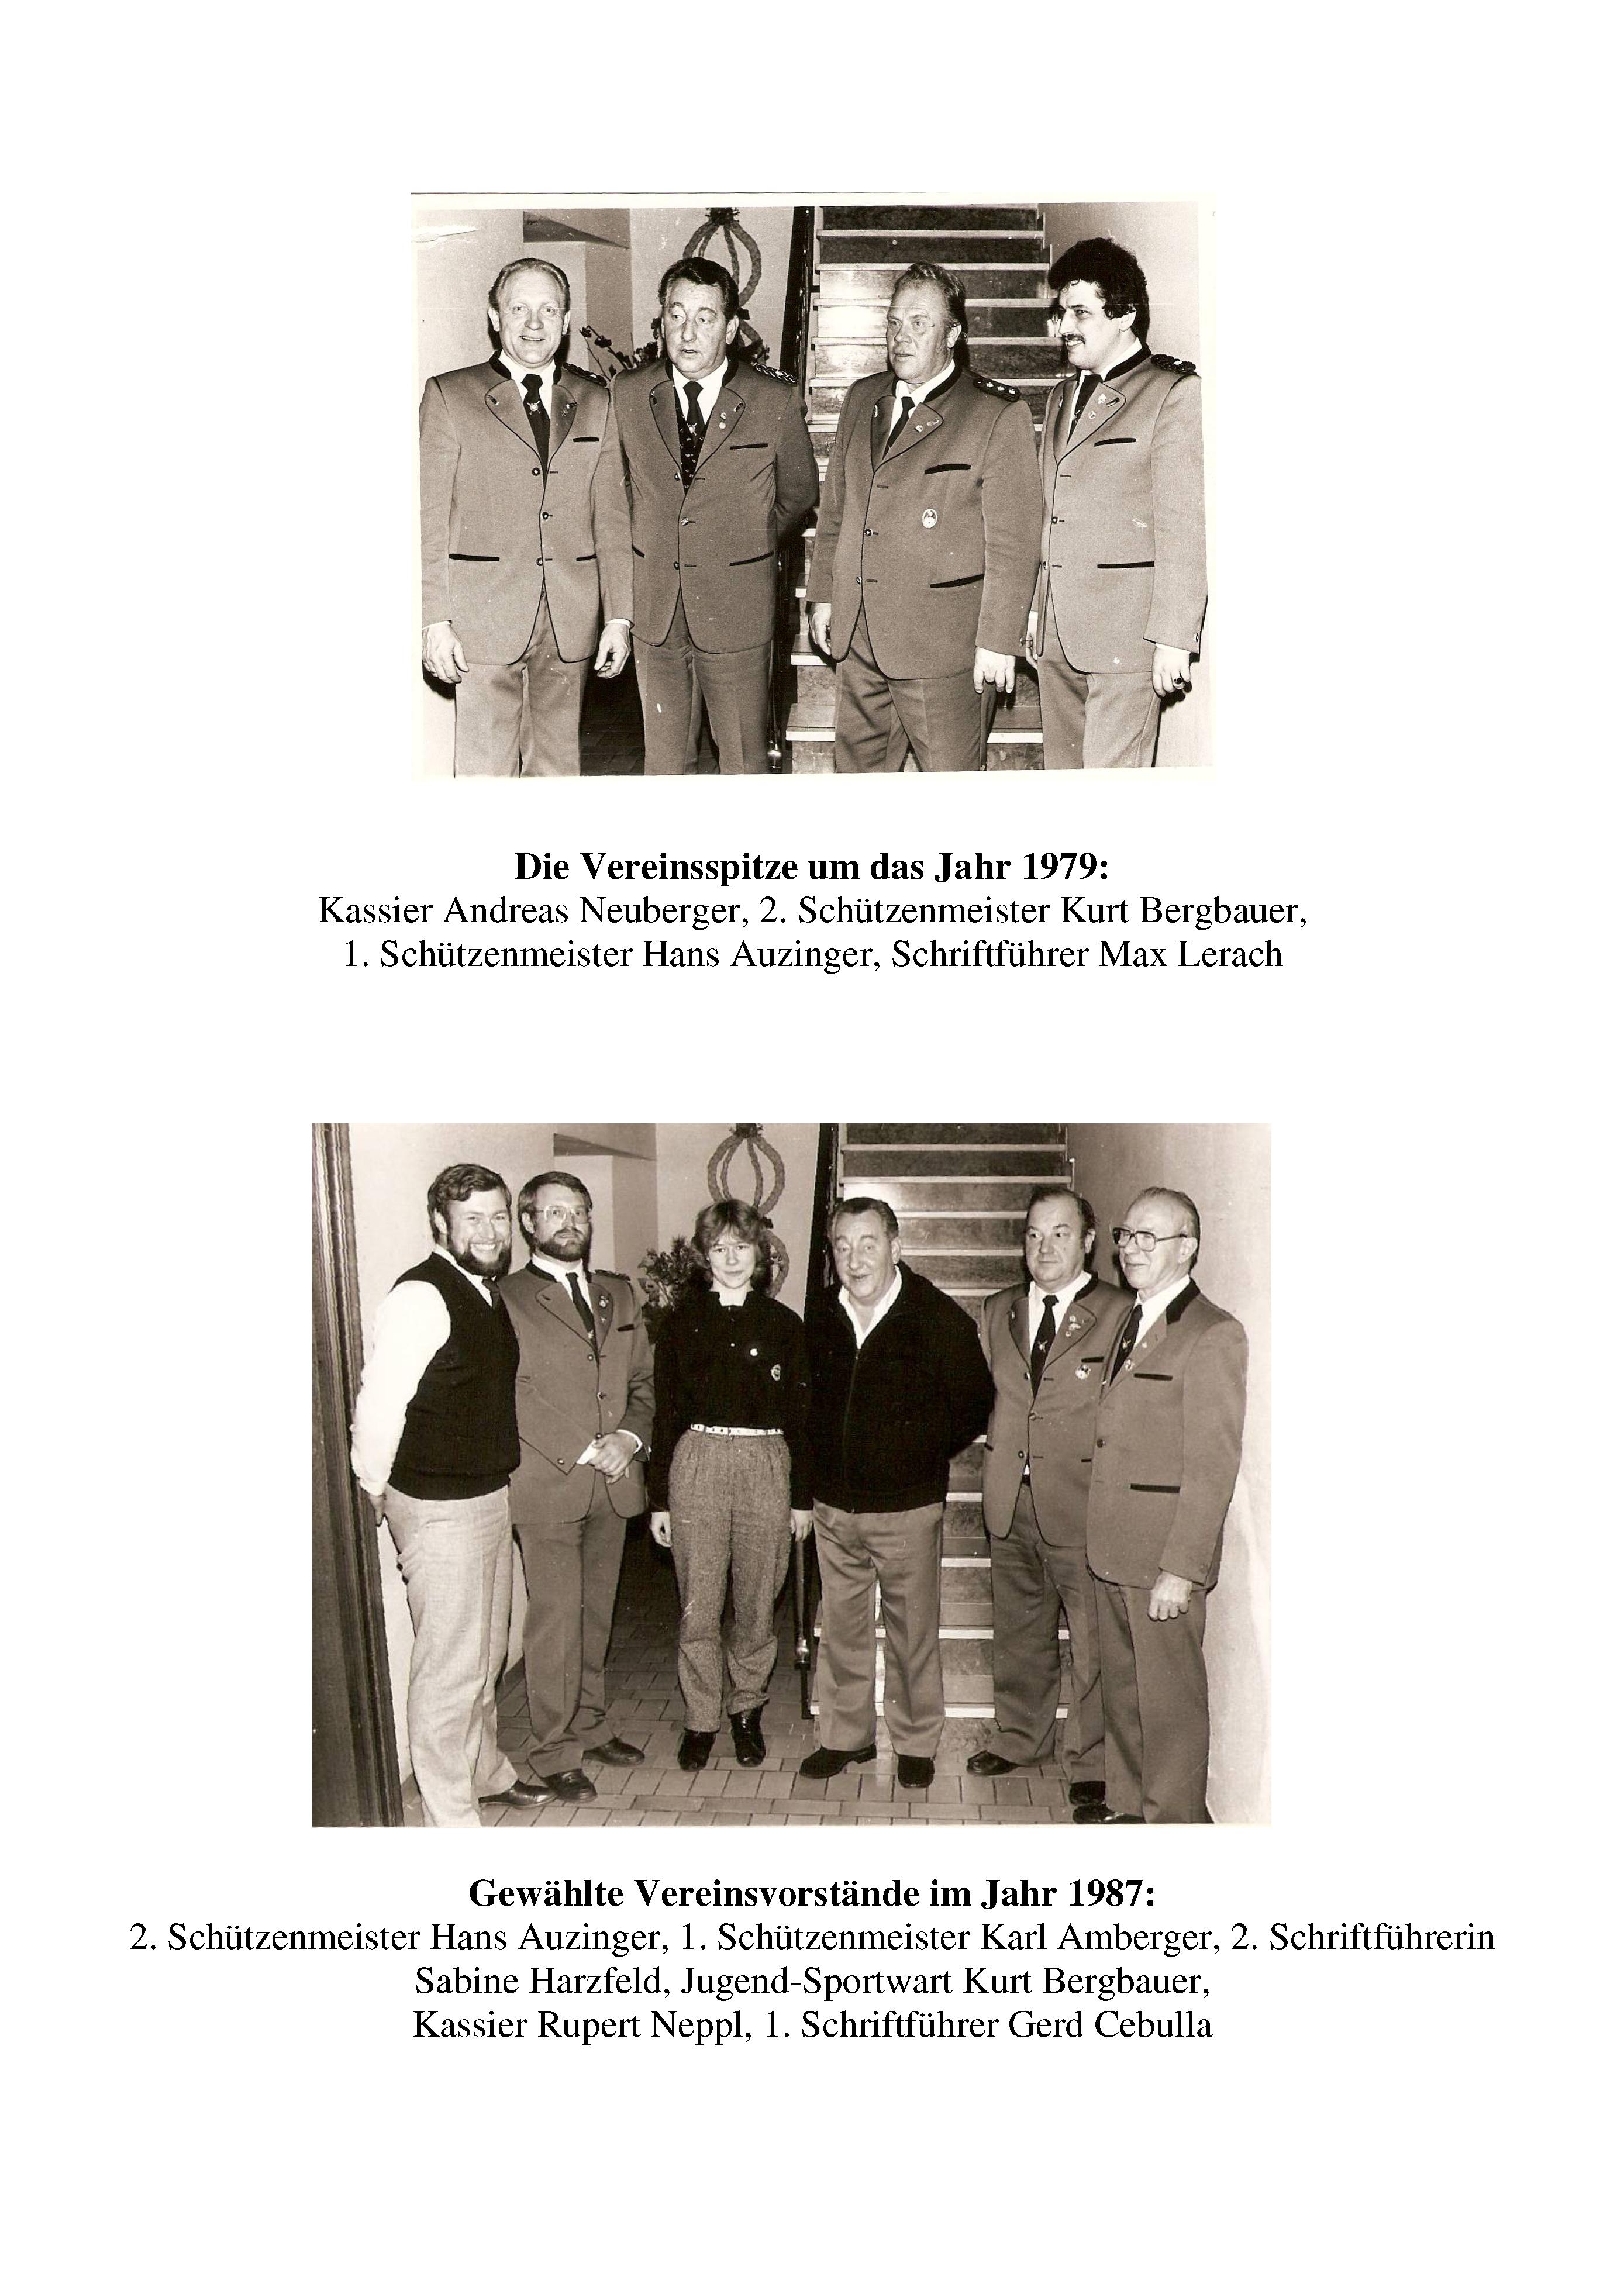 Geschichte-Vereinsvorstand_Seite_2